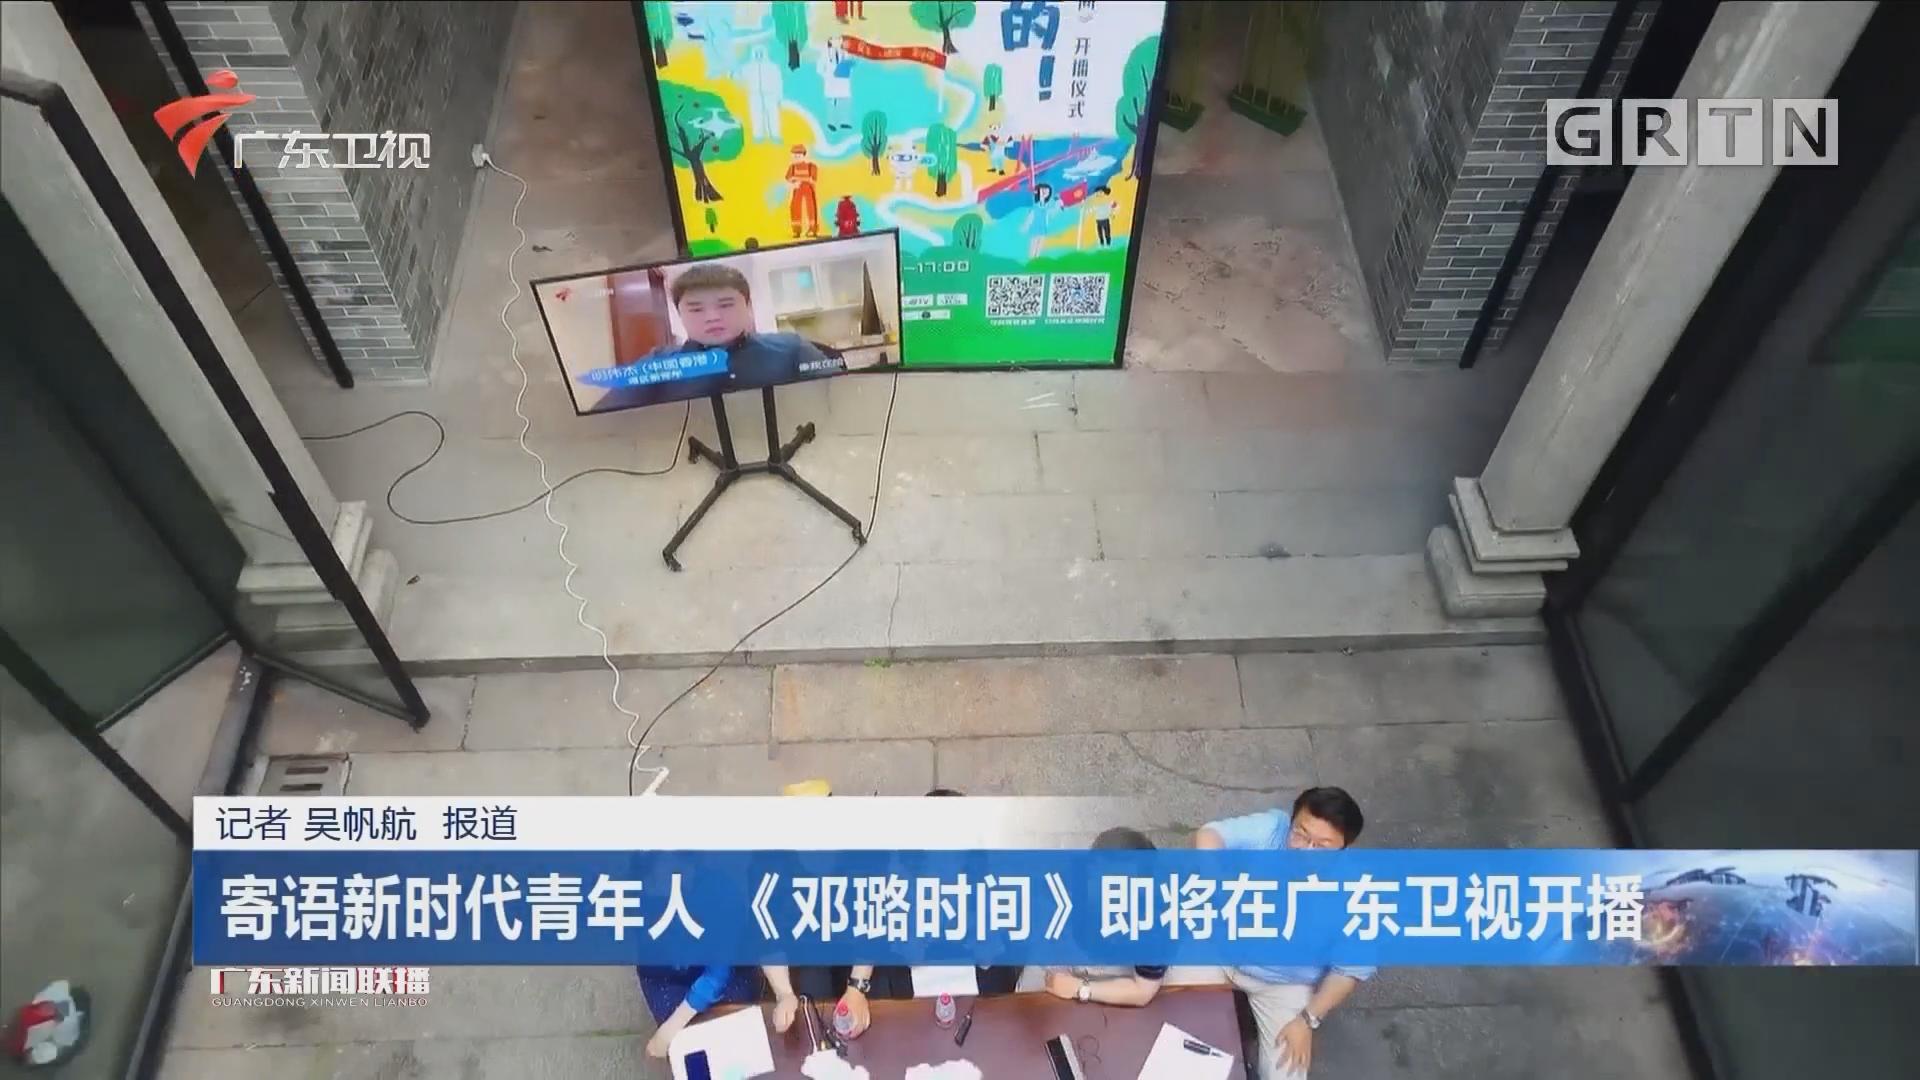 寄語新時代青年人《鄧璐時間》即將在廣東衛視開播